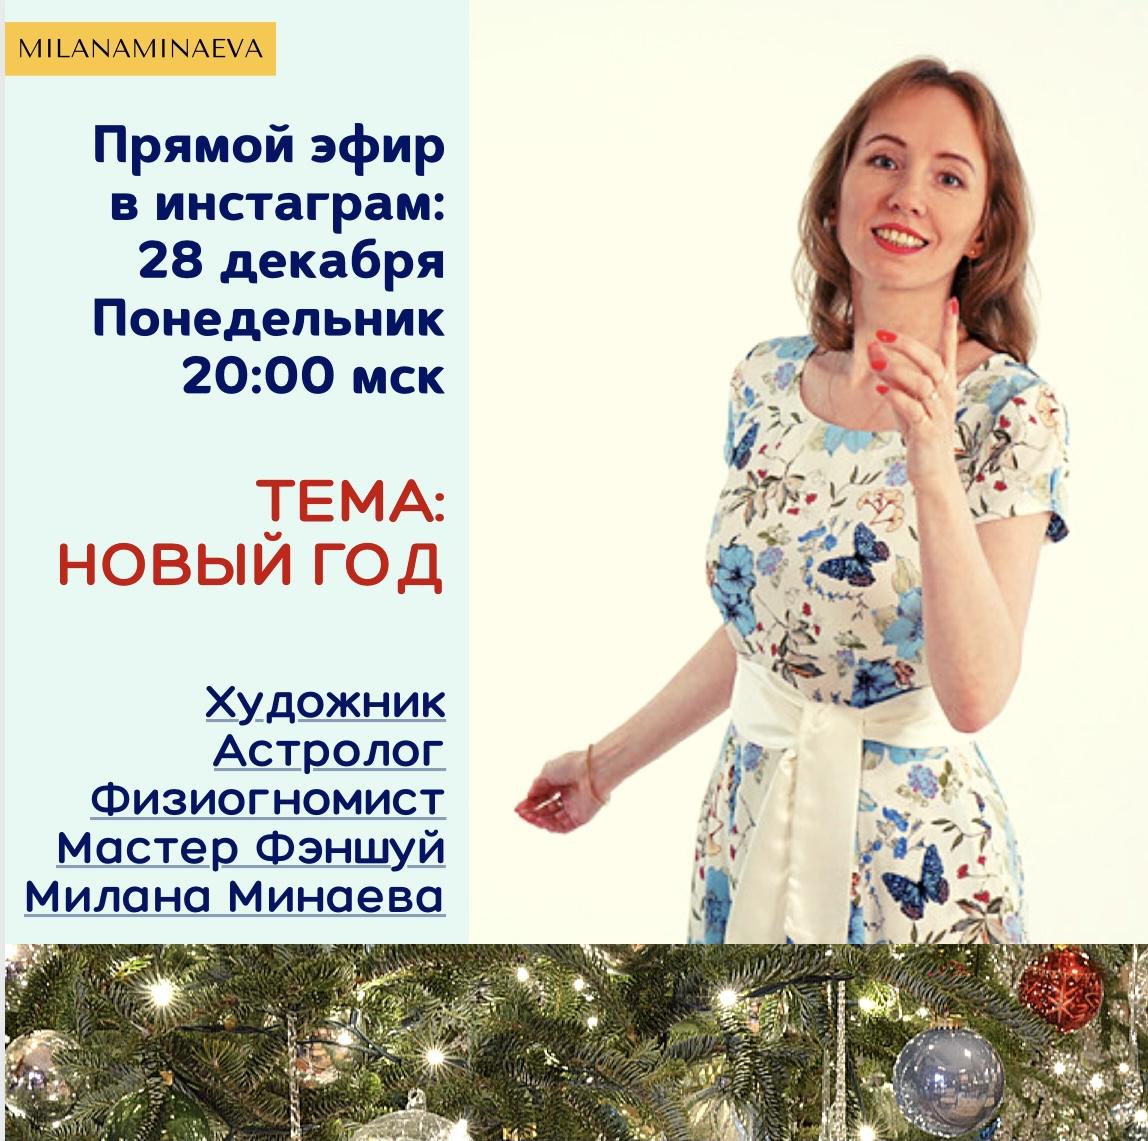 Новый год - Milana.Ru